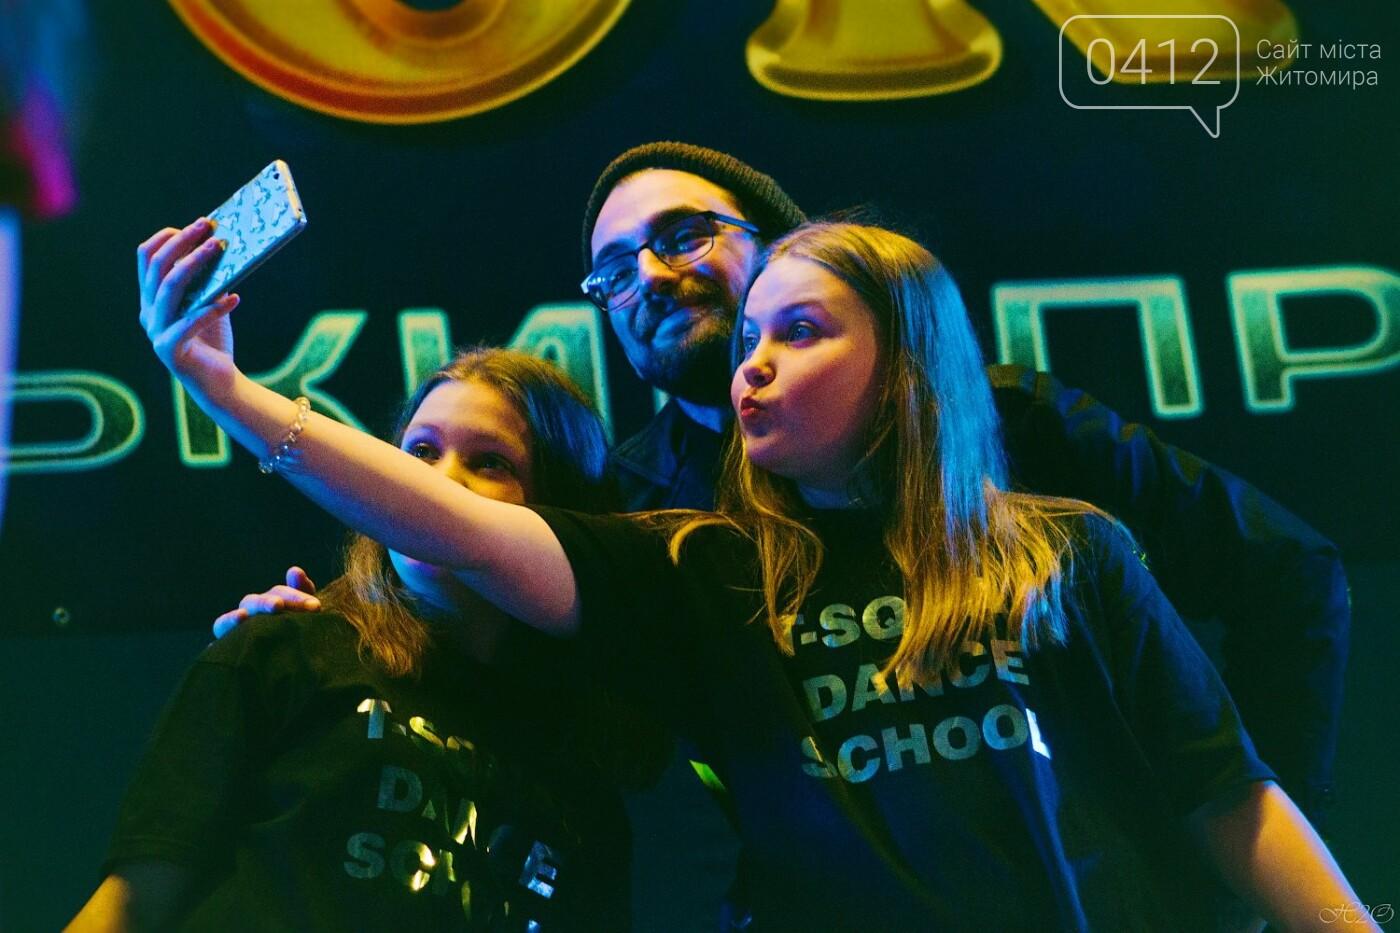 """У Житомирі проведуть щорічну молодіжну патріотично-мистецьку акцію """"Я люблю Україну свою-2018"""", фото-2"""